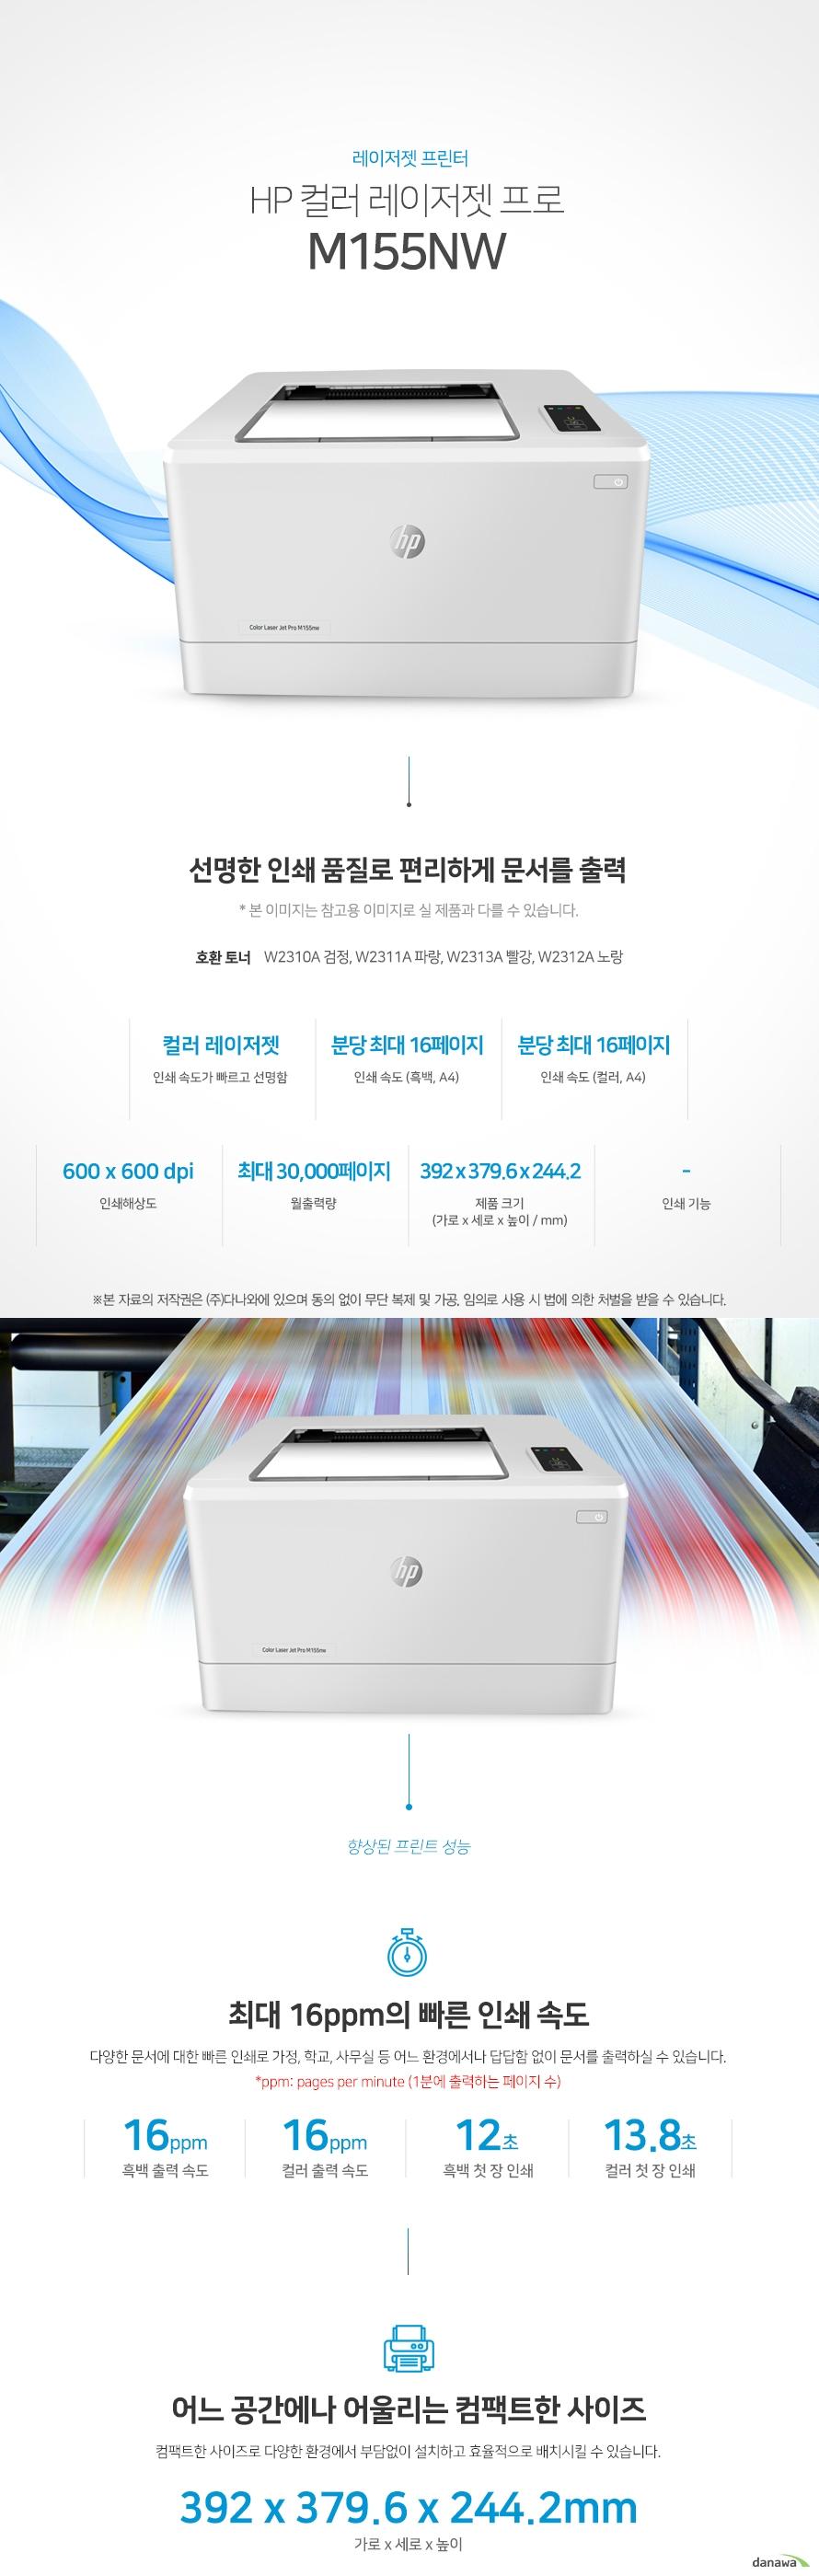 레이저젯 프린터 HP 컬러 레이저젯 프로 M155nw (기본토너) 선명한 인쇄 품질로 편리하게 문서를 출력 호환 토너 W2310A 검정, W2311A 파랑, W2313A 빨강, W2312A 노랑 컬러 레이저젯 인쇄 속도가 빠르고 선명함 / 인쇄 속도 (흑백, A4) 분당 최대 16페이지 / 인쇄 속도 (컬러, A4) 분당 최대 16페이지 / 인쇄해상도 600 x 600 dpi / 월출력량 최대 30,000페이지 / 제품 크기 (mm) 가로 392 x 세로 379.6 x 높이 244.2 / 인쇄기능-    최대 16ppm의 빠른 인쇄 속도 다양한 문서에 대한 빠른 인쇄로 가정, 학교, 사무실 등 어느 환경에서나 답답함 없이 문서를 출력하실 수 있습니다.  *ppm: pages per minute (1분에 출력하는 페이지 수) 흑백 출력 속도 16oom / 컬러 출력 속도 16ppm / 흑백 첫 장 인쇄 12초 / 컬러 첫 장 인쇄 13.8초  어느 공간에나 어울리는 컴팩트한 사이즈 컴팩트한 사이즈로 다양한 환경에서 부담없이 설치하고 효율적으로 배치시킬 수 있습니다.  (mm) 가로 392 x 세로 379.6 x 높이 244.2   손쉬운 USB연결 PC를 거치지 않고도 USB Port에서 파일을 바로 출력하거나, 스캔시 USB 메모리로 바로 저장하여 손쉽게 이용할 수 있습니다. 유선랜 연결로 편리한 인쇄 프린터와 PC를 유선랜으로 연결하여 사용하는 PC에서 손쉽게 인쇄가 가능합니다. Wi-Fi 모바일 프린팅 Wi-Fi을 통해 복잡한 선 연결 없이 스마트폰, 테블릿 으로 사용가능한 프린터를 감지 후 무선으로 바로 인쇄를 요청할 수 있습니다.